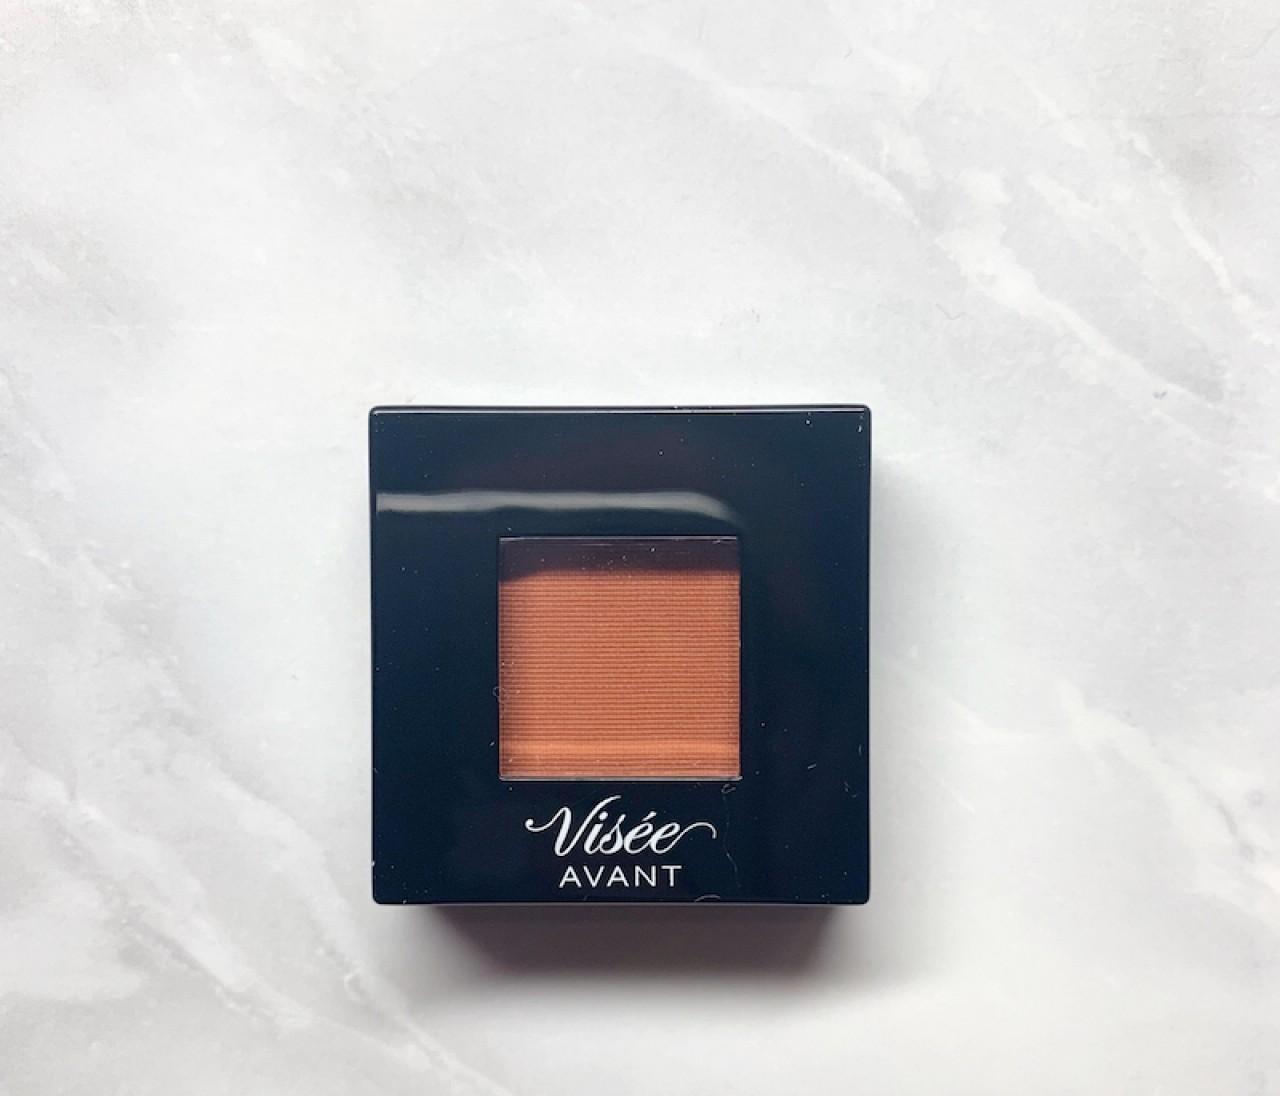 【800円アイシャドウ】ヴィセ アヴァン シングルアイカラーのパプリカオレンジで作る、ニュアンスアイ